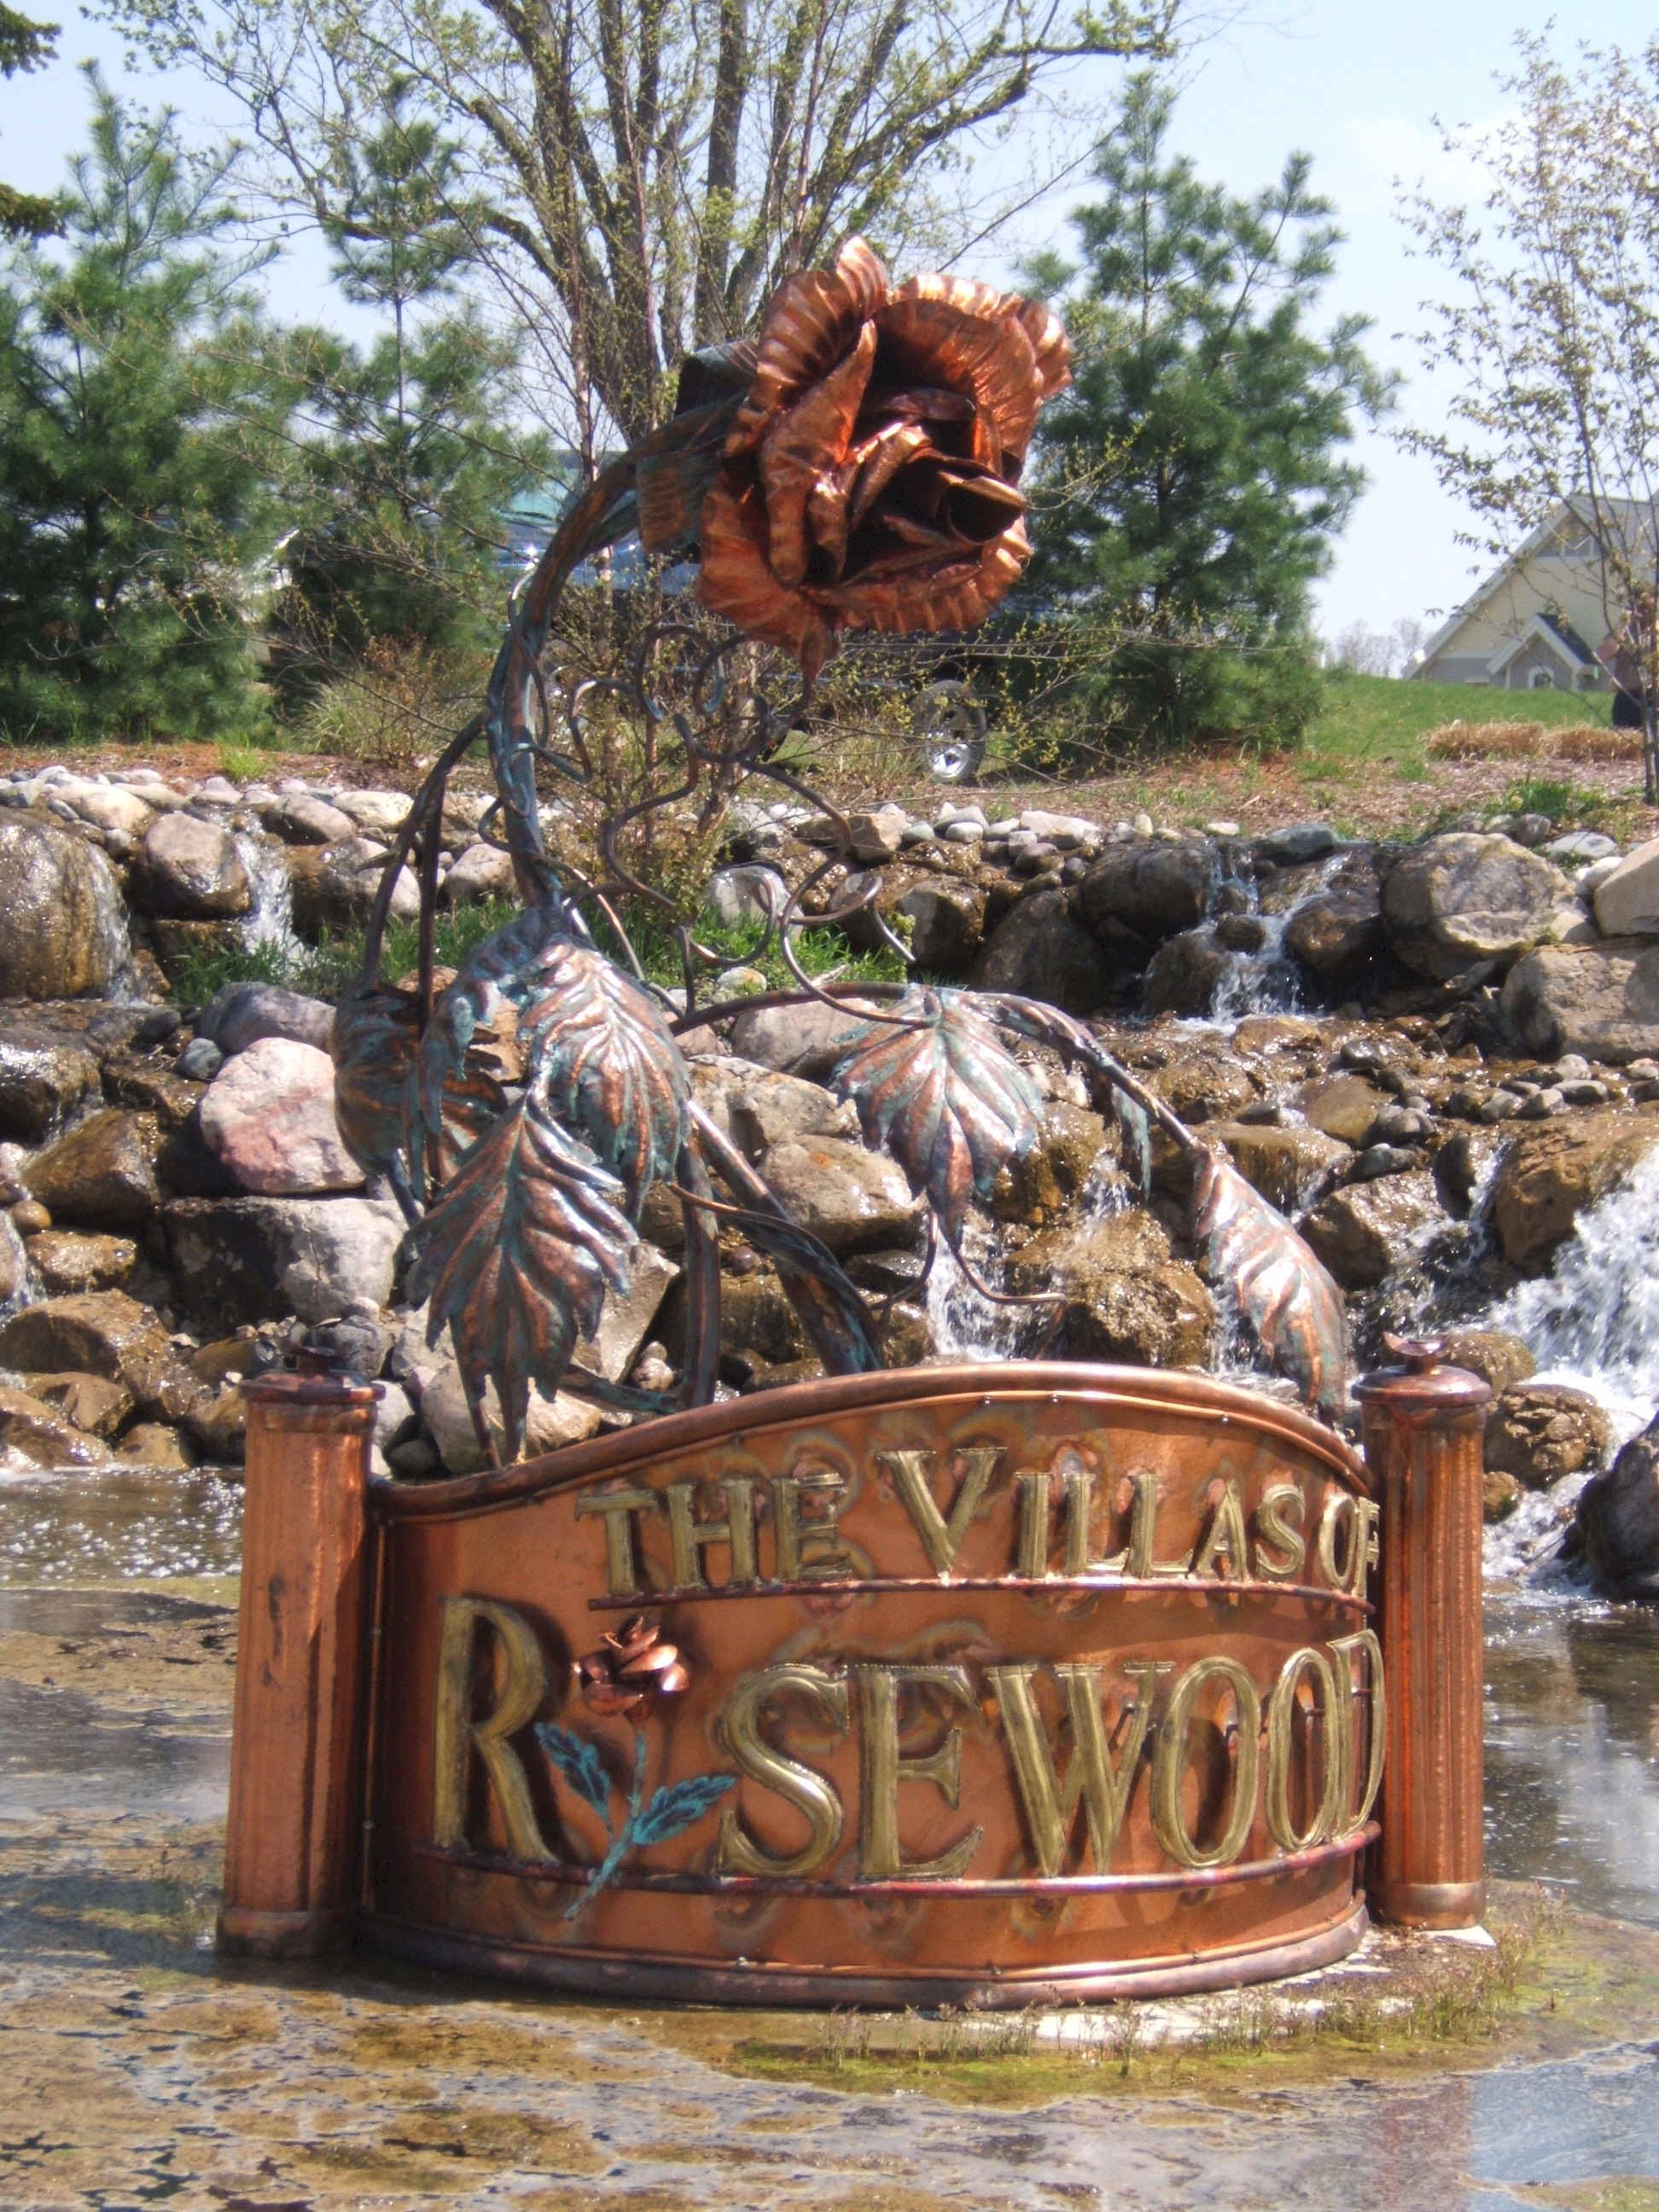 rose_wood_andersons_metal_sculpture.jpg